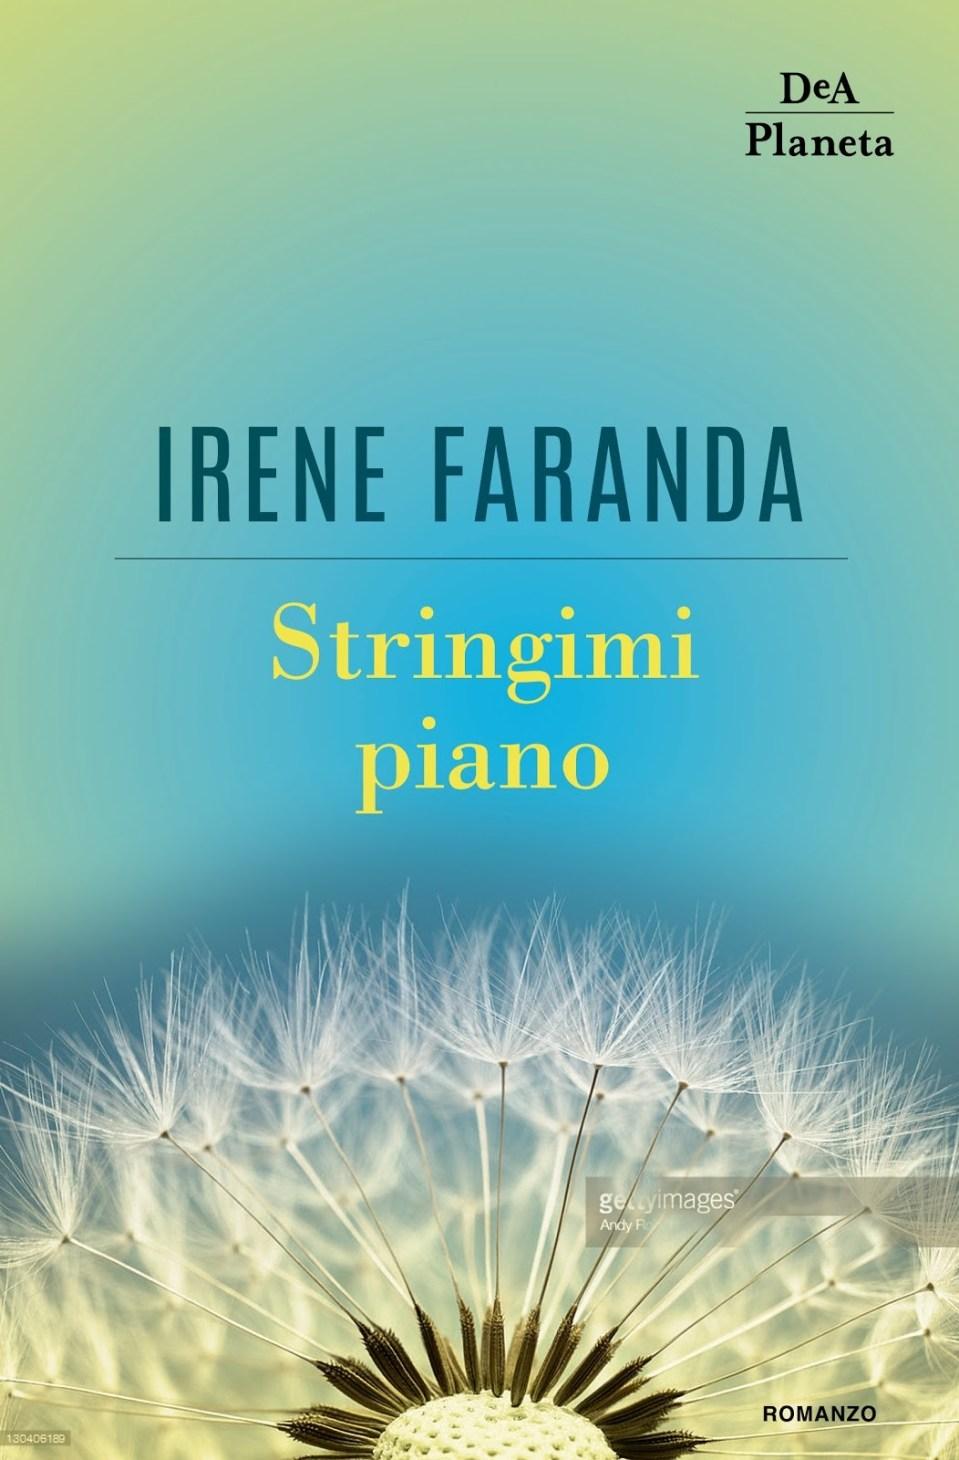 Stringimi piano di Irene Faranda. Dea planeta libri Book Cover